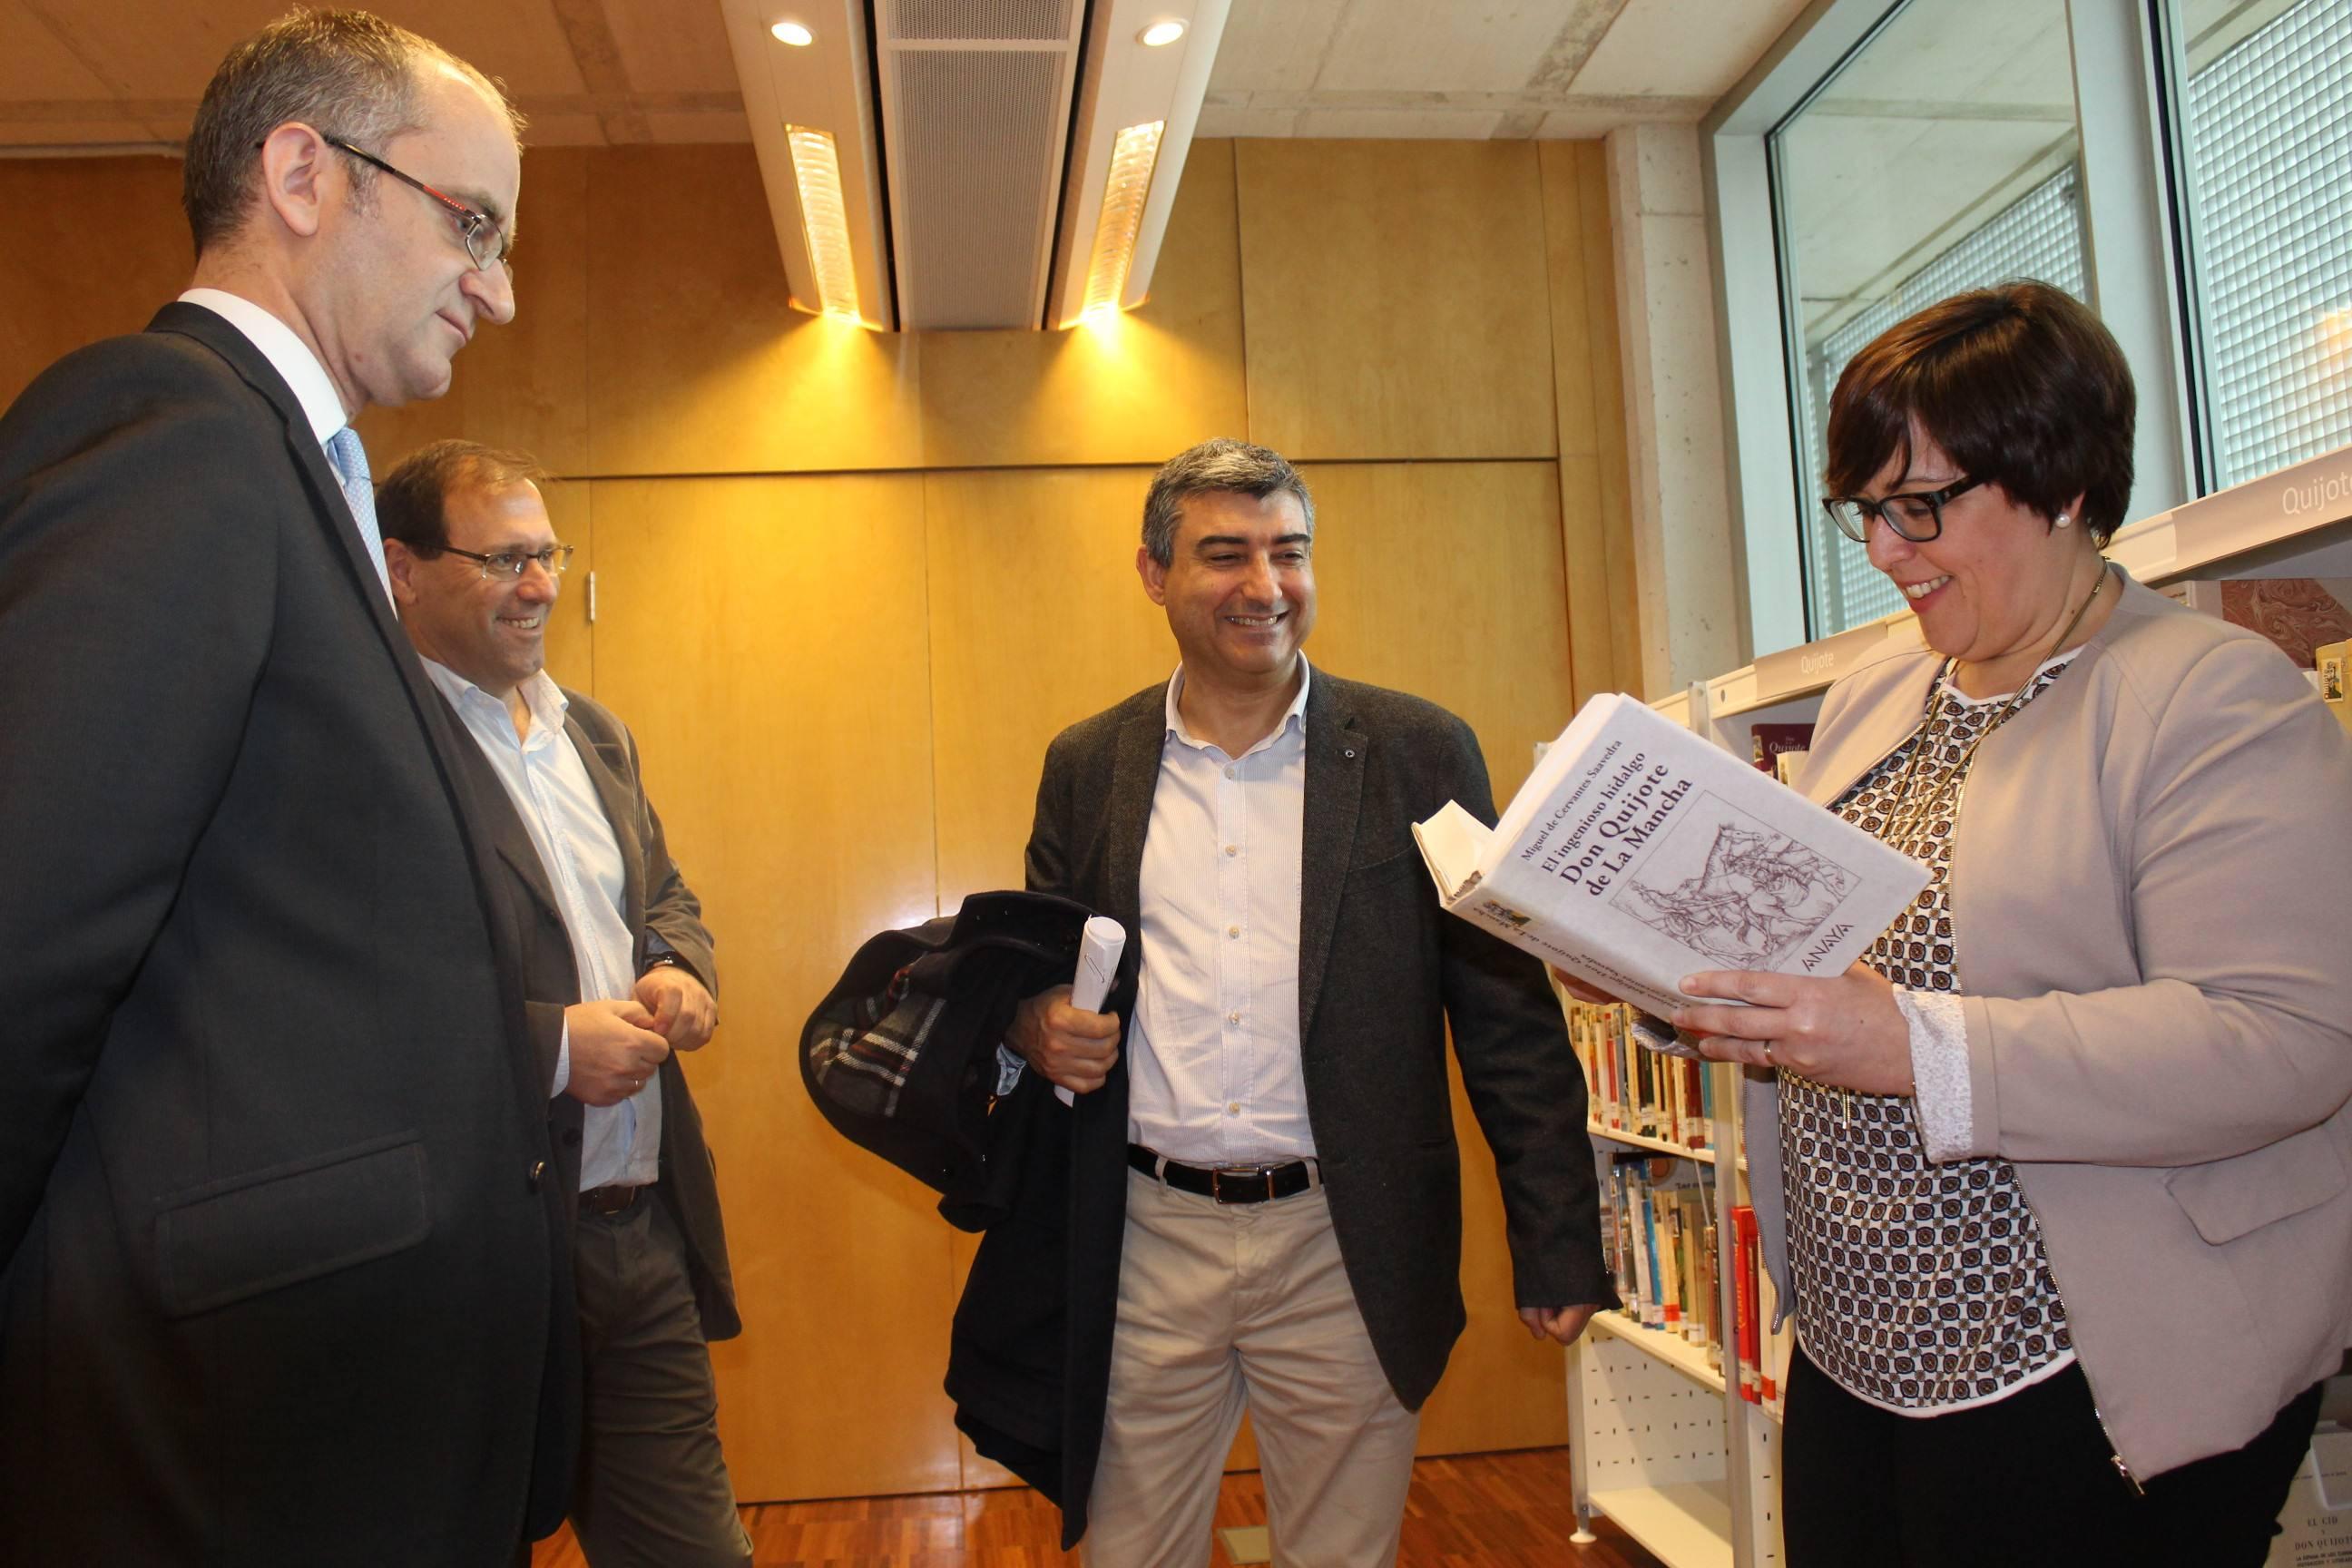 Carmen Olmedo Visita a Biblioteca Publica del Estado - Programación para conmemorar el IV Centenario de la muerte de Cervantes